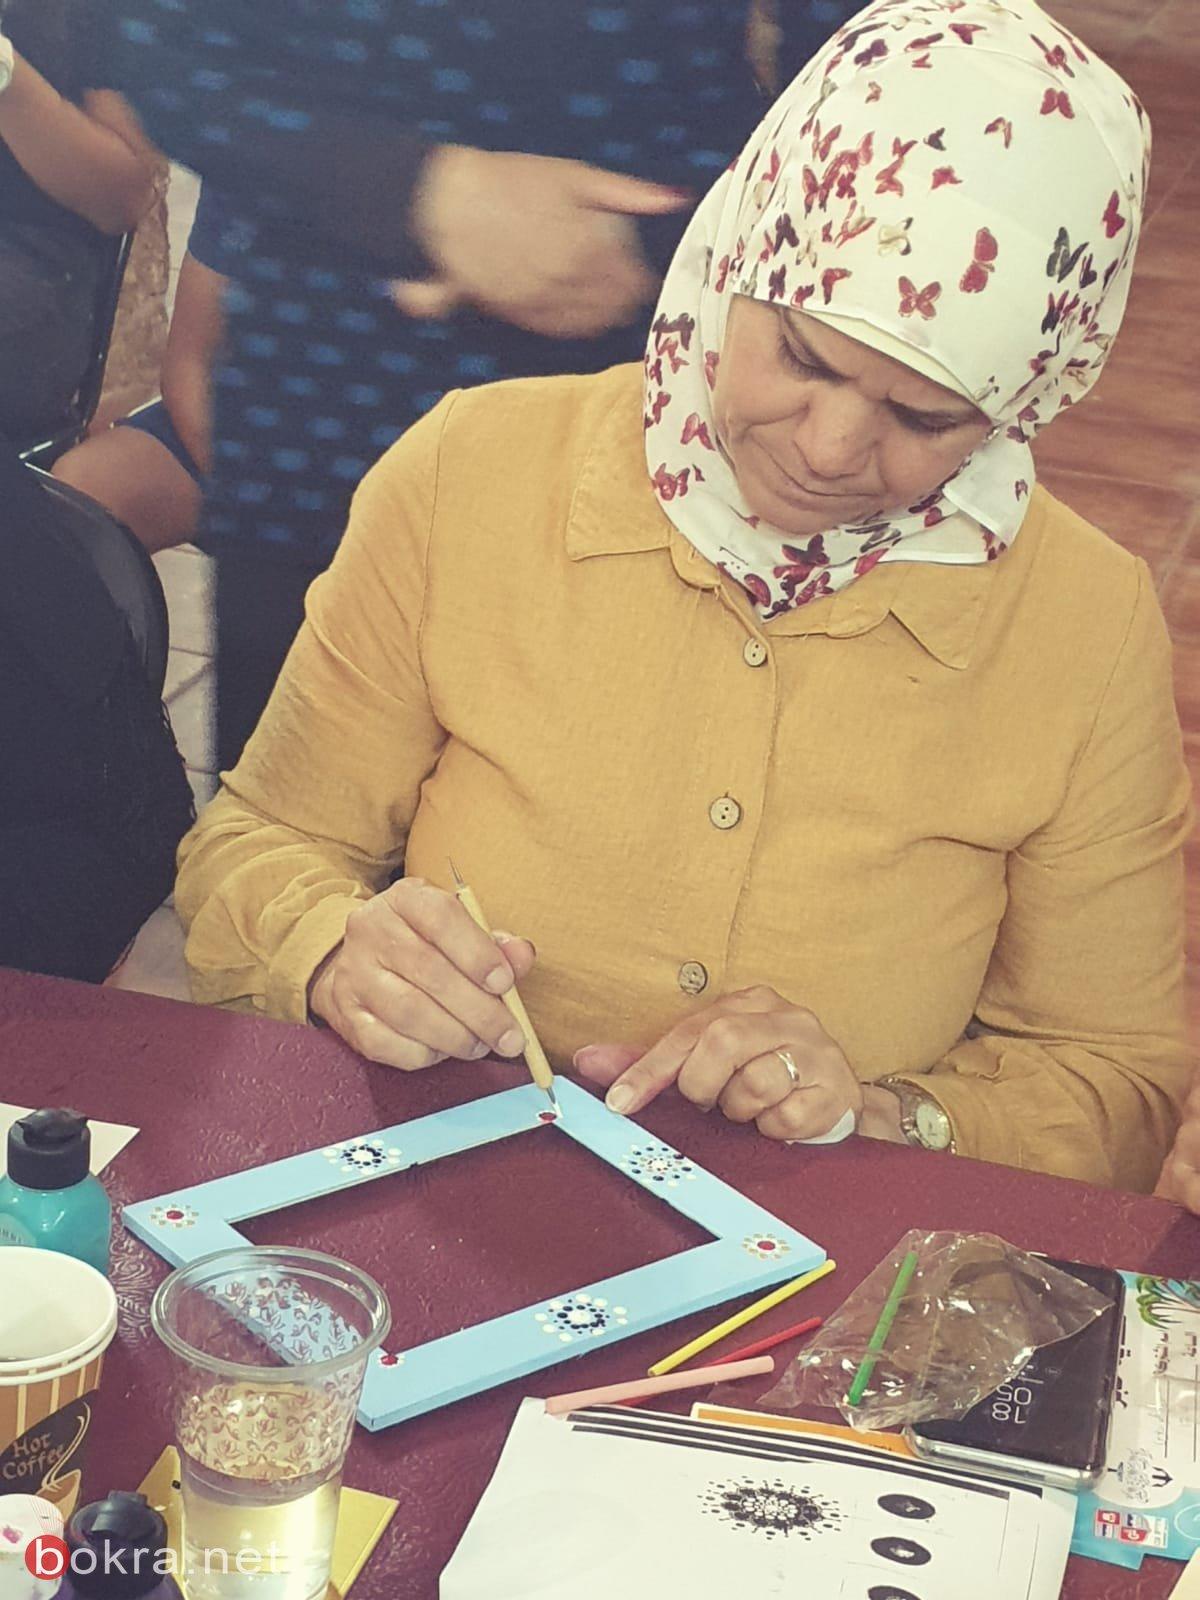 مركز المينا العكي ينظم ورشات فنيّة بعنوان حكاية حجر